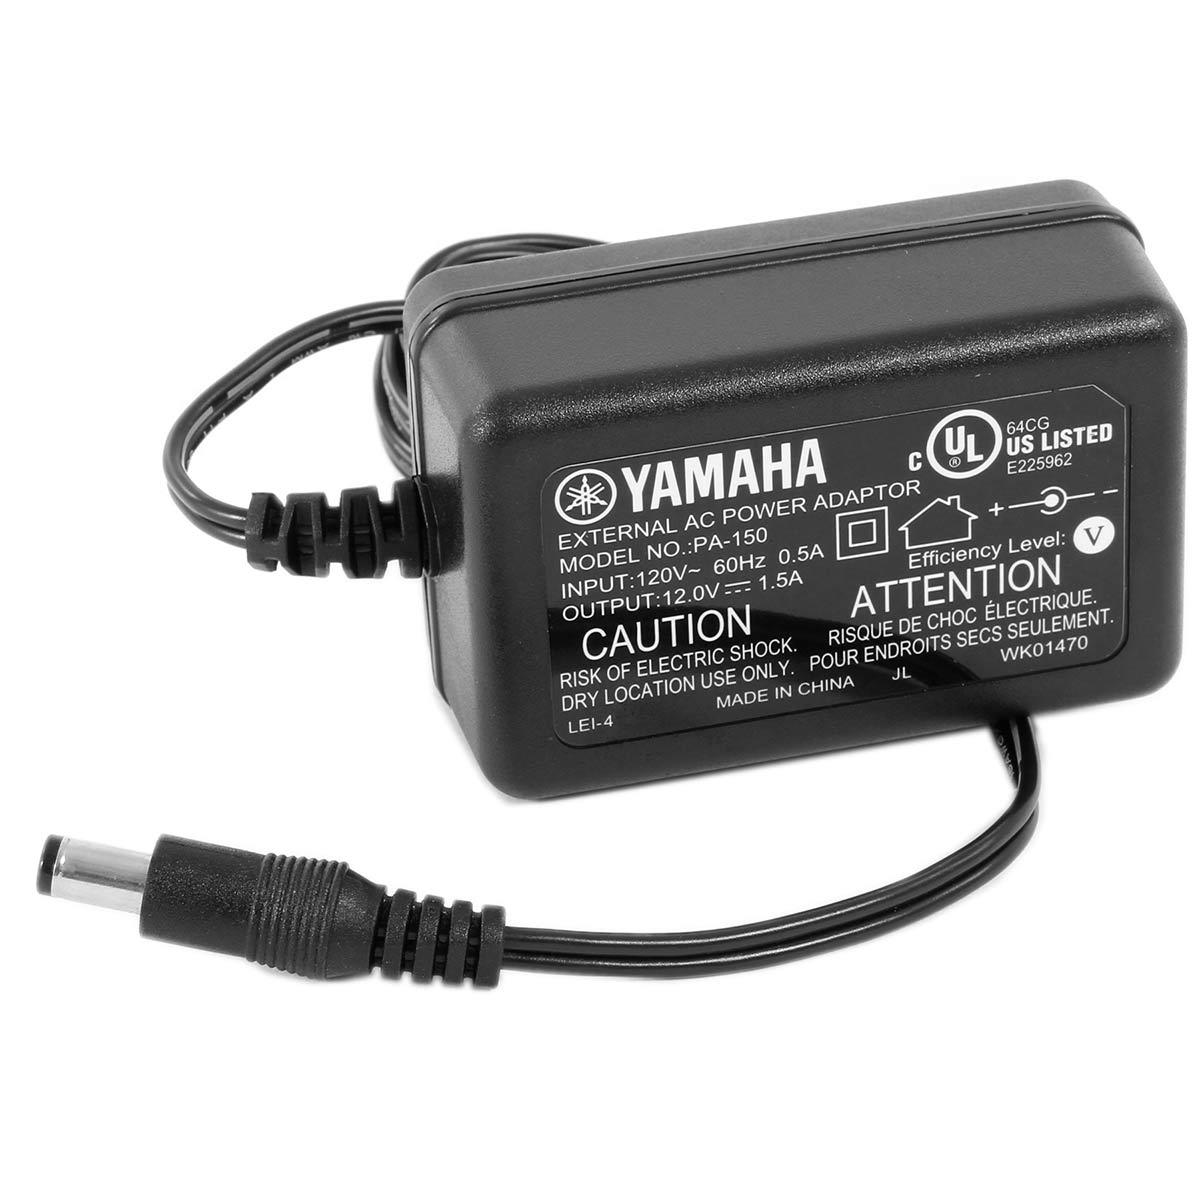 Fonte de Alimentação 12V p/ Teclados - PA 150 Yamaha